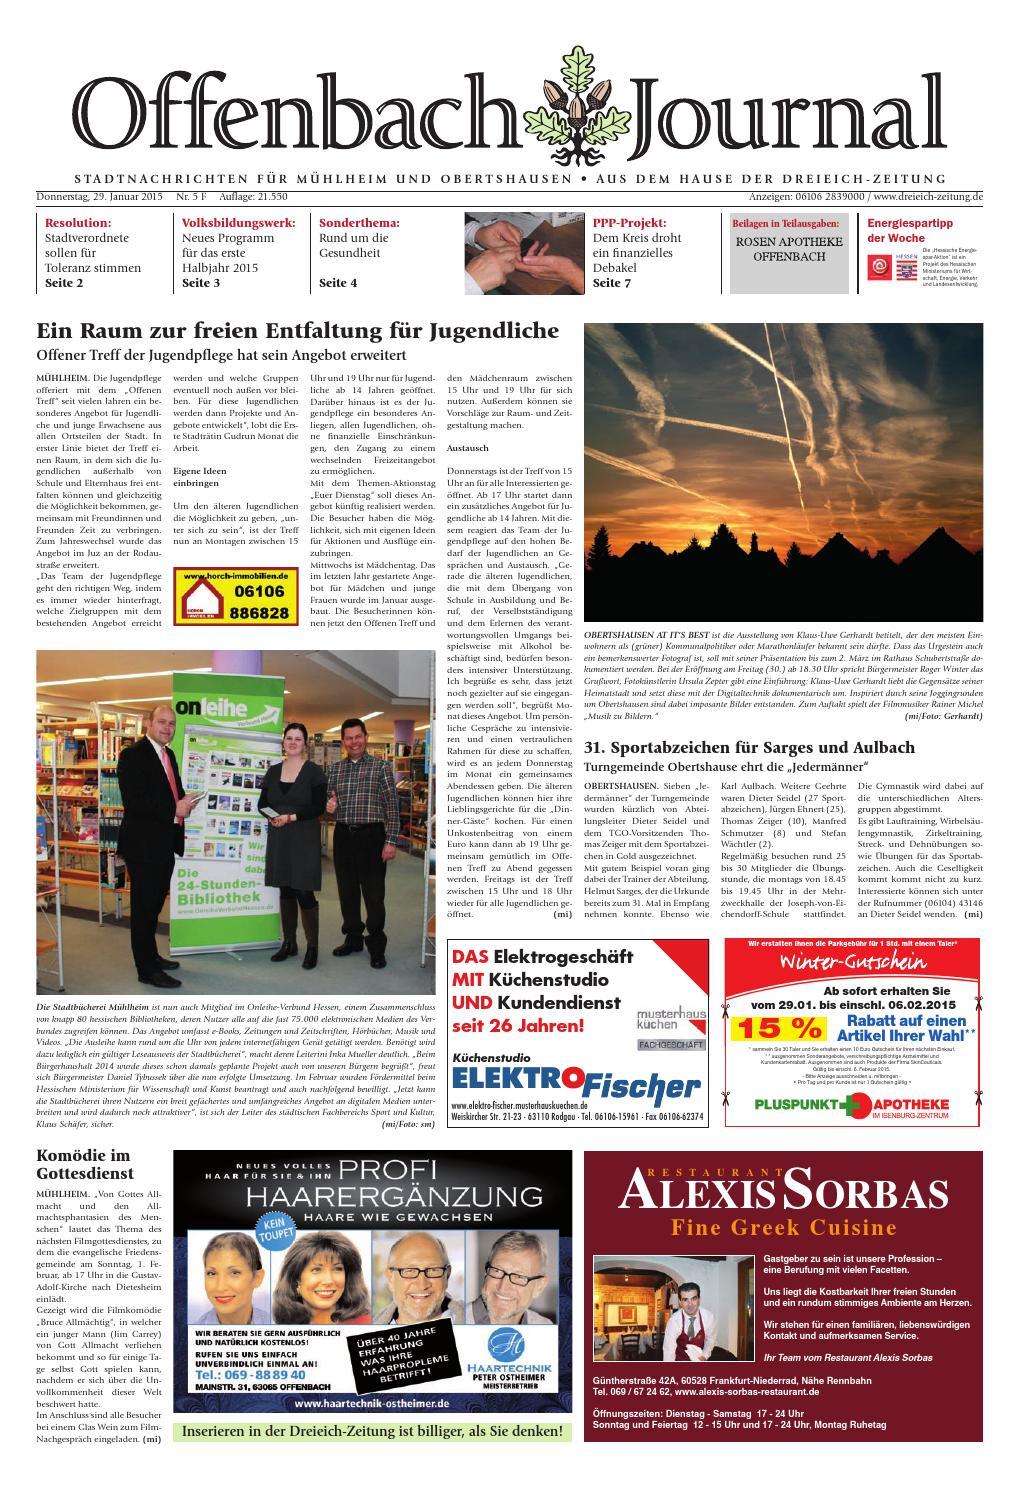 nuetzliche tipps fuer ihre anstehende kuechenrenovierung, dz online 005 15 f by dreieich-zeitung/offenbach-journal - issuu, Innenarchitektur